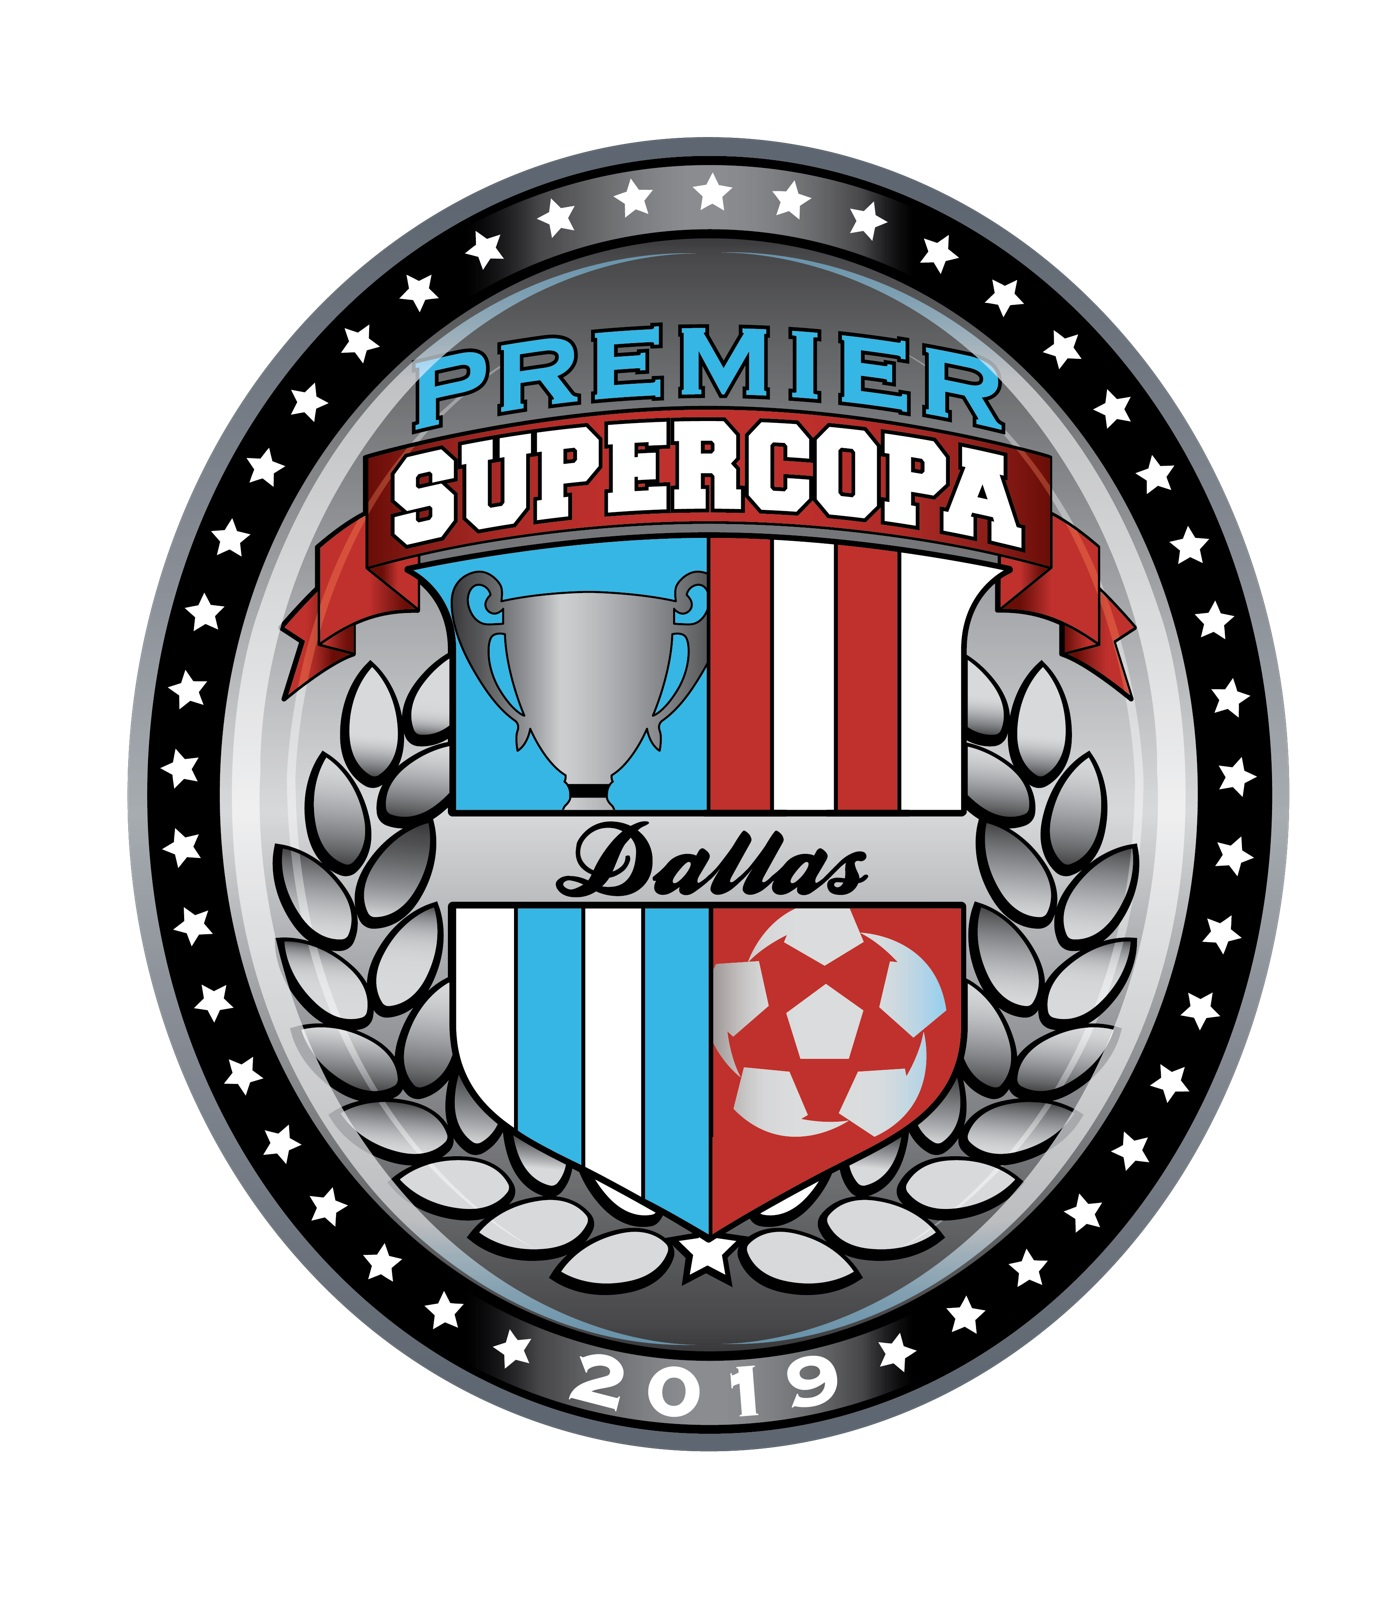 Premier Supercopa 2019 - fldjflkad;lkl;skadf;lskdf